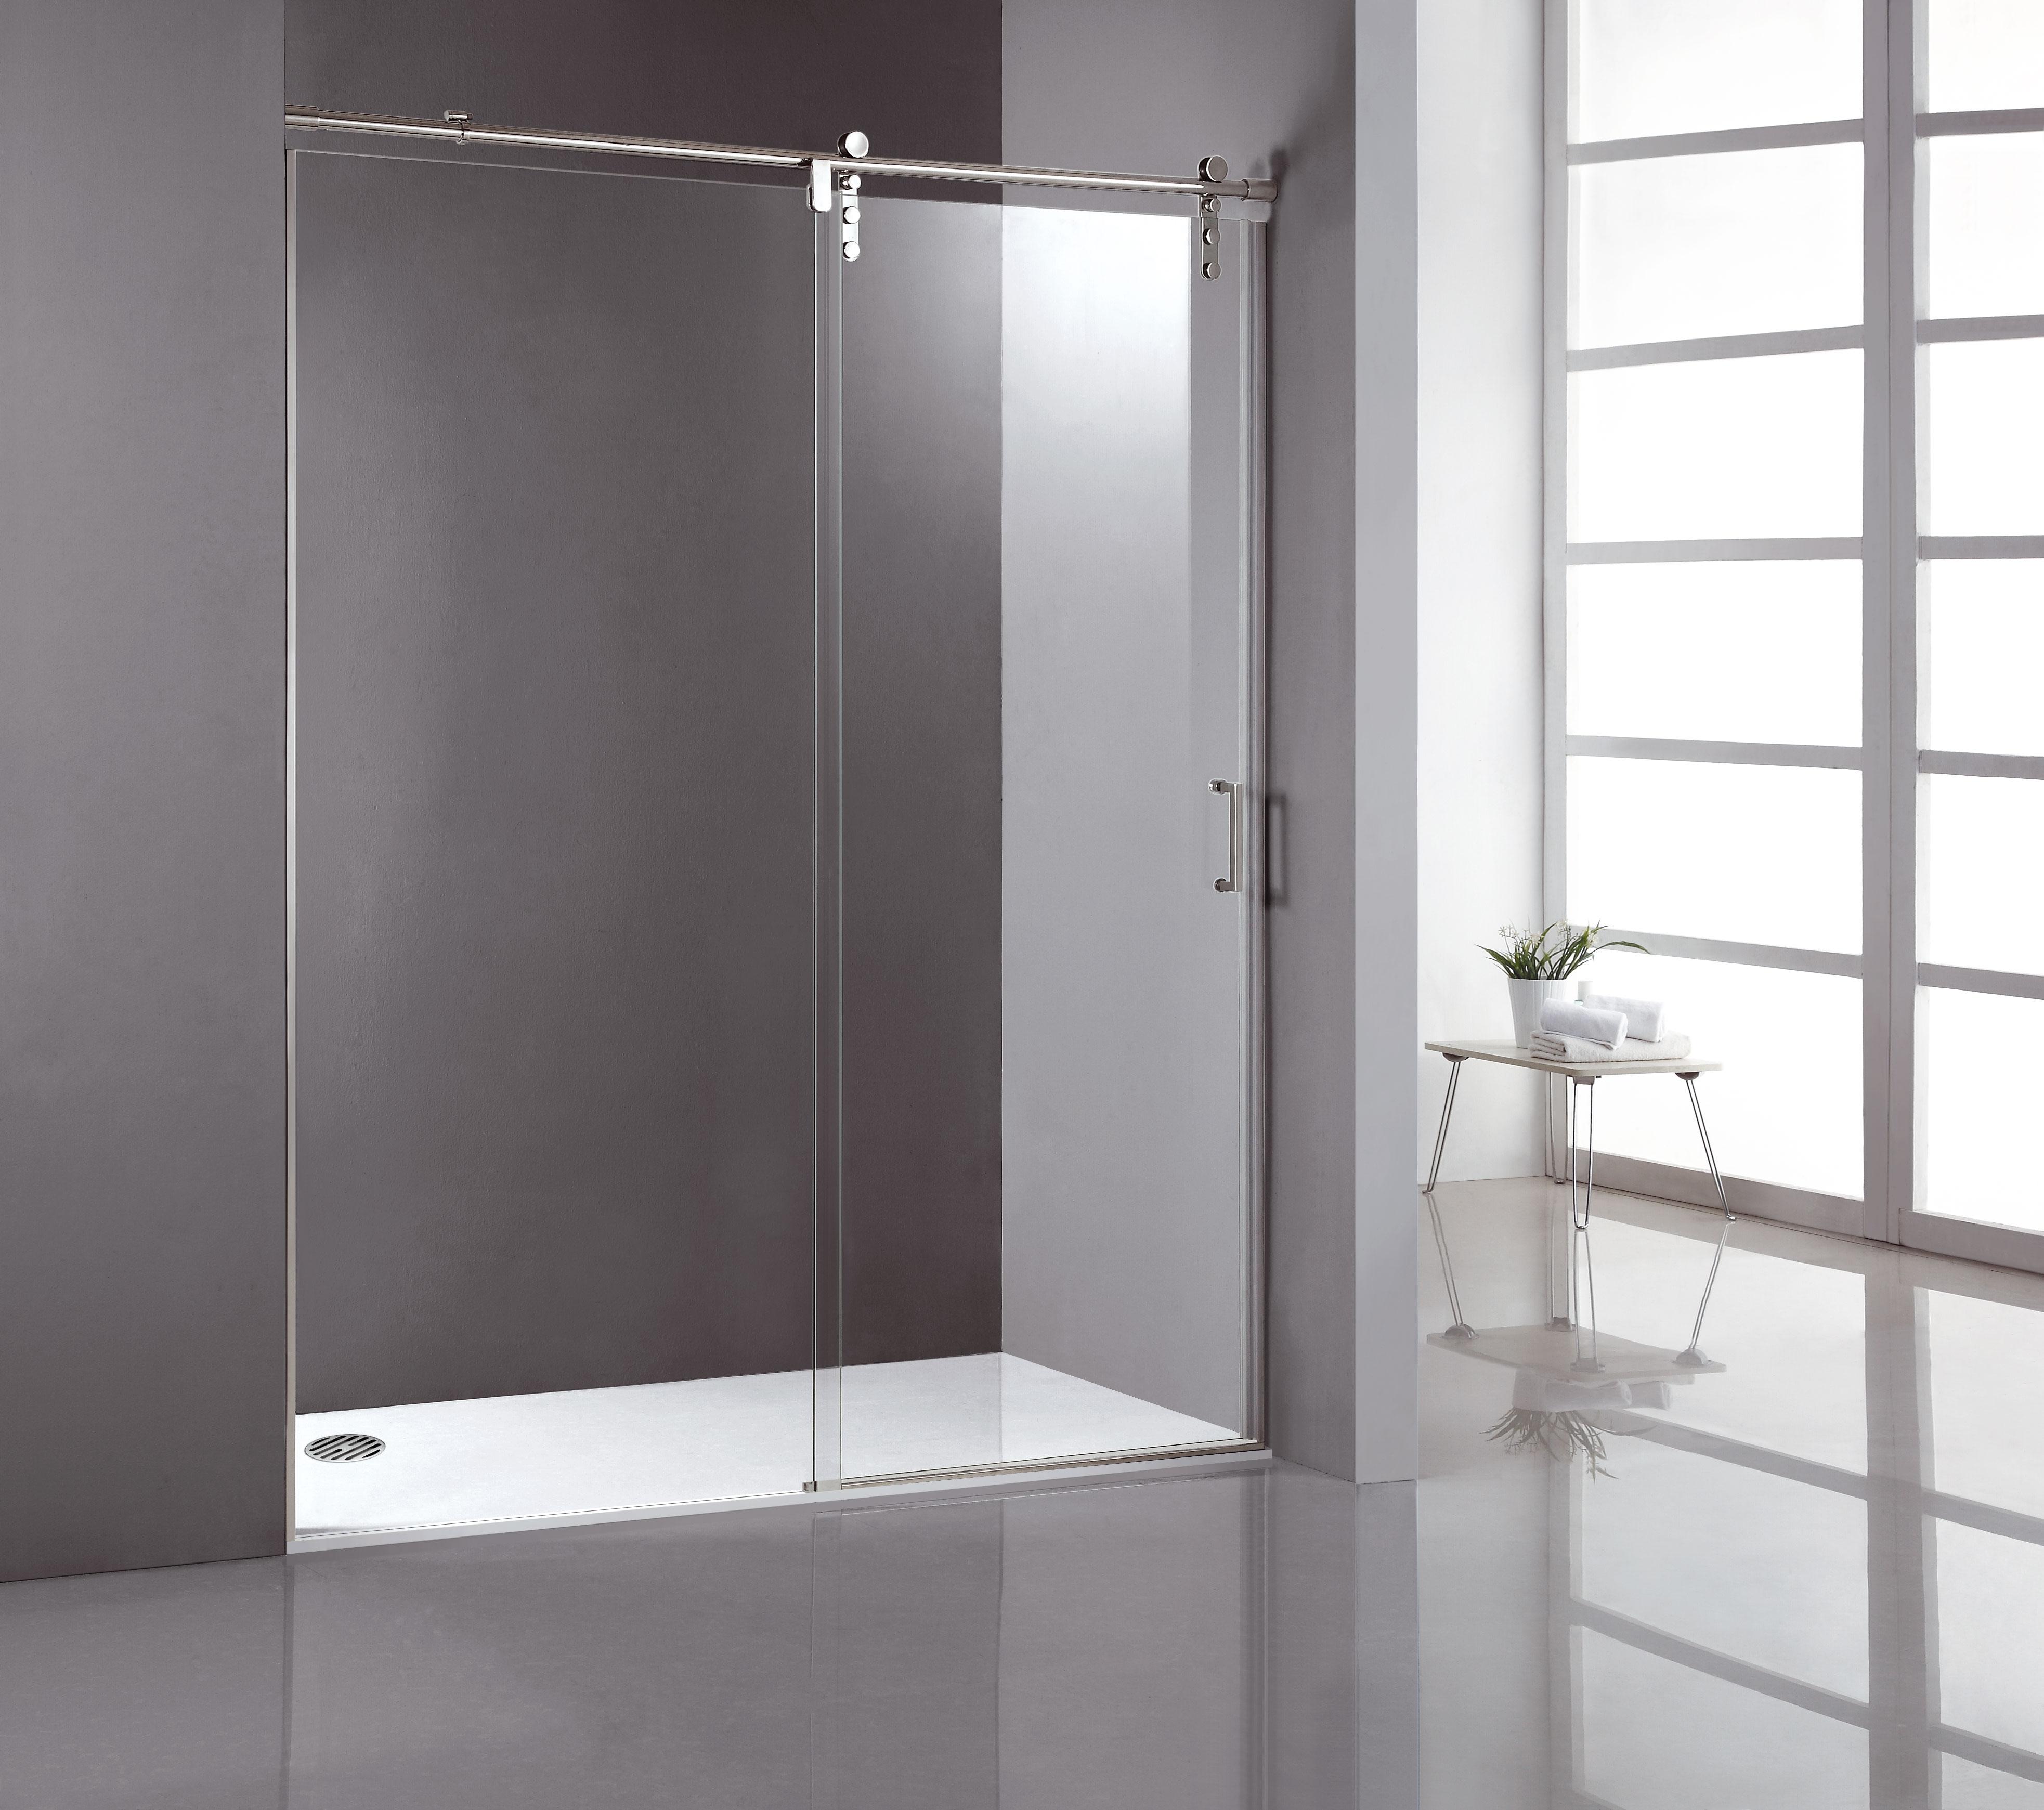 Como limpiar mamparas de las duchas conslymp a solo for Duchas modernas precios